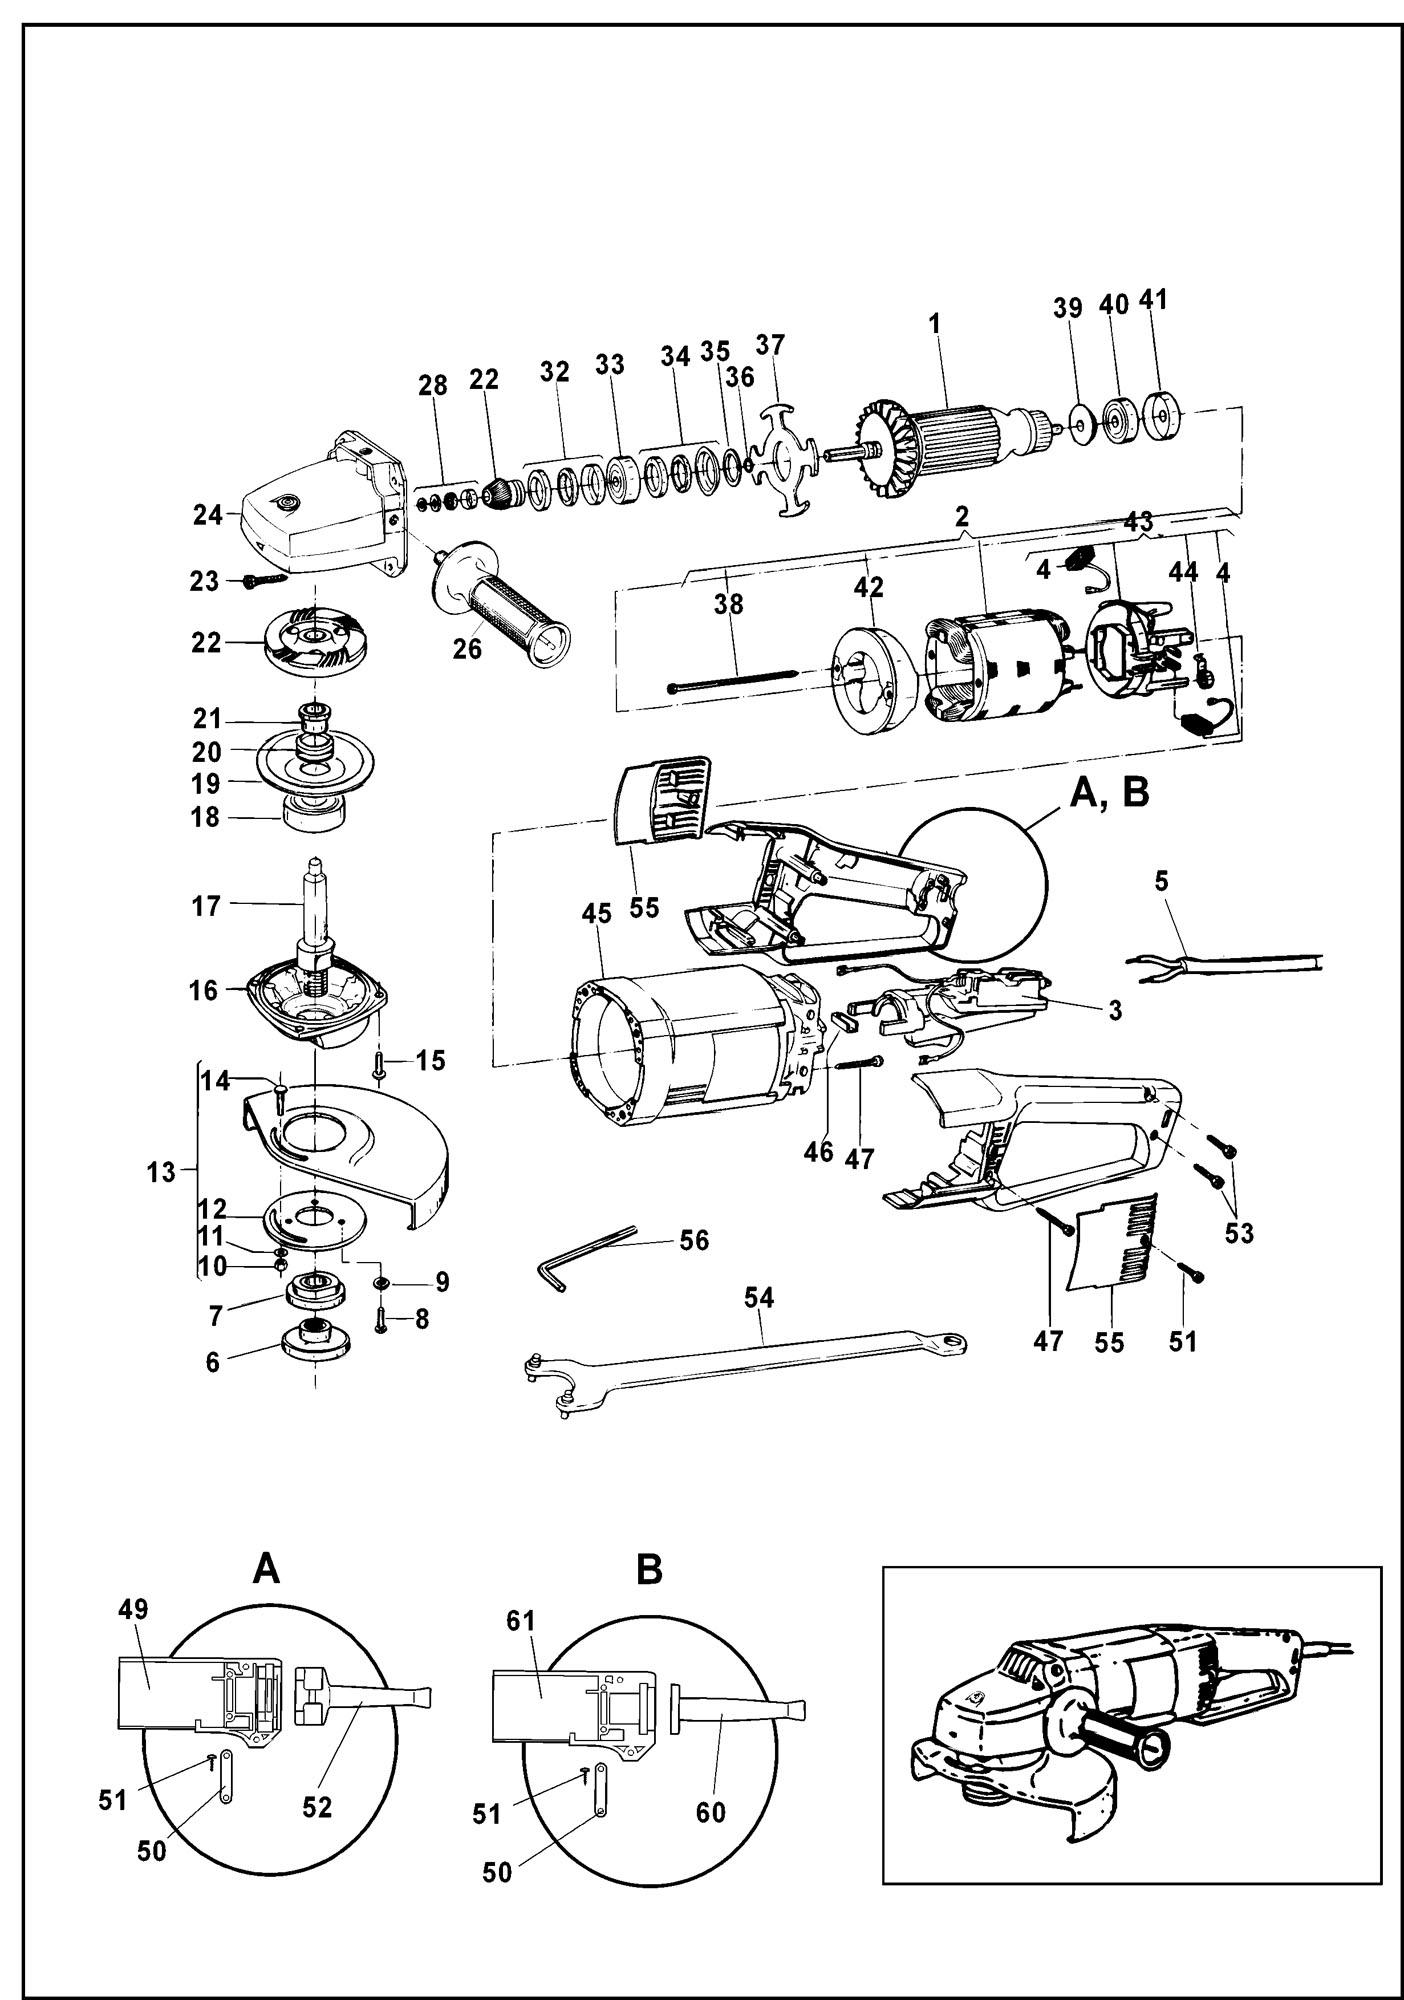 Spares For Black Amp Decker Pl85 Angle Grinder Type 3